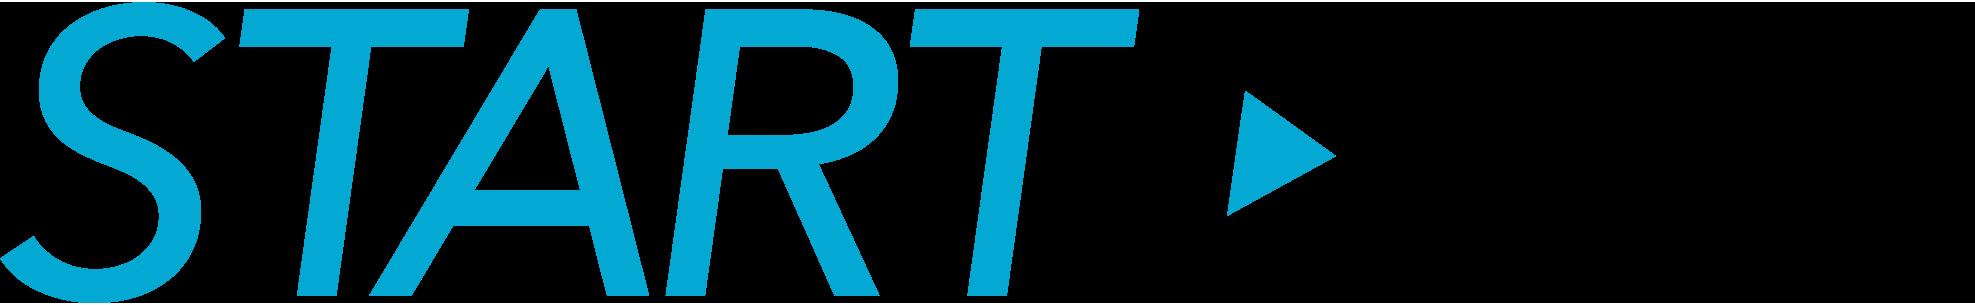 StartOut